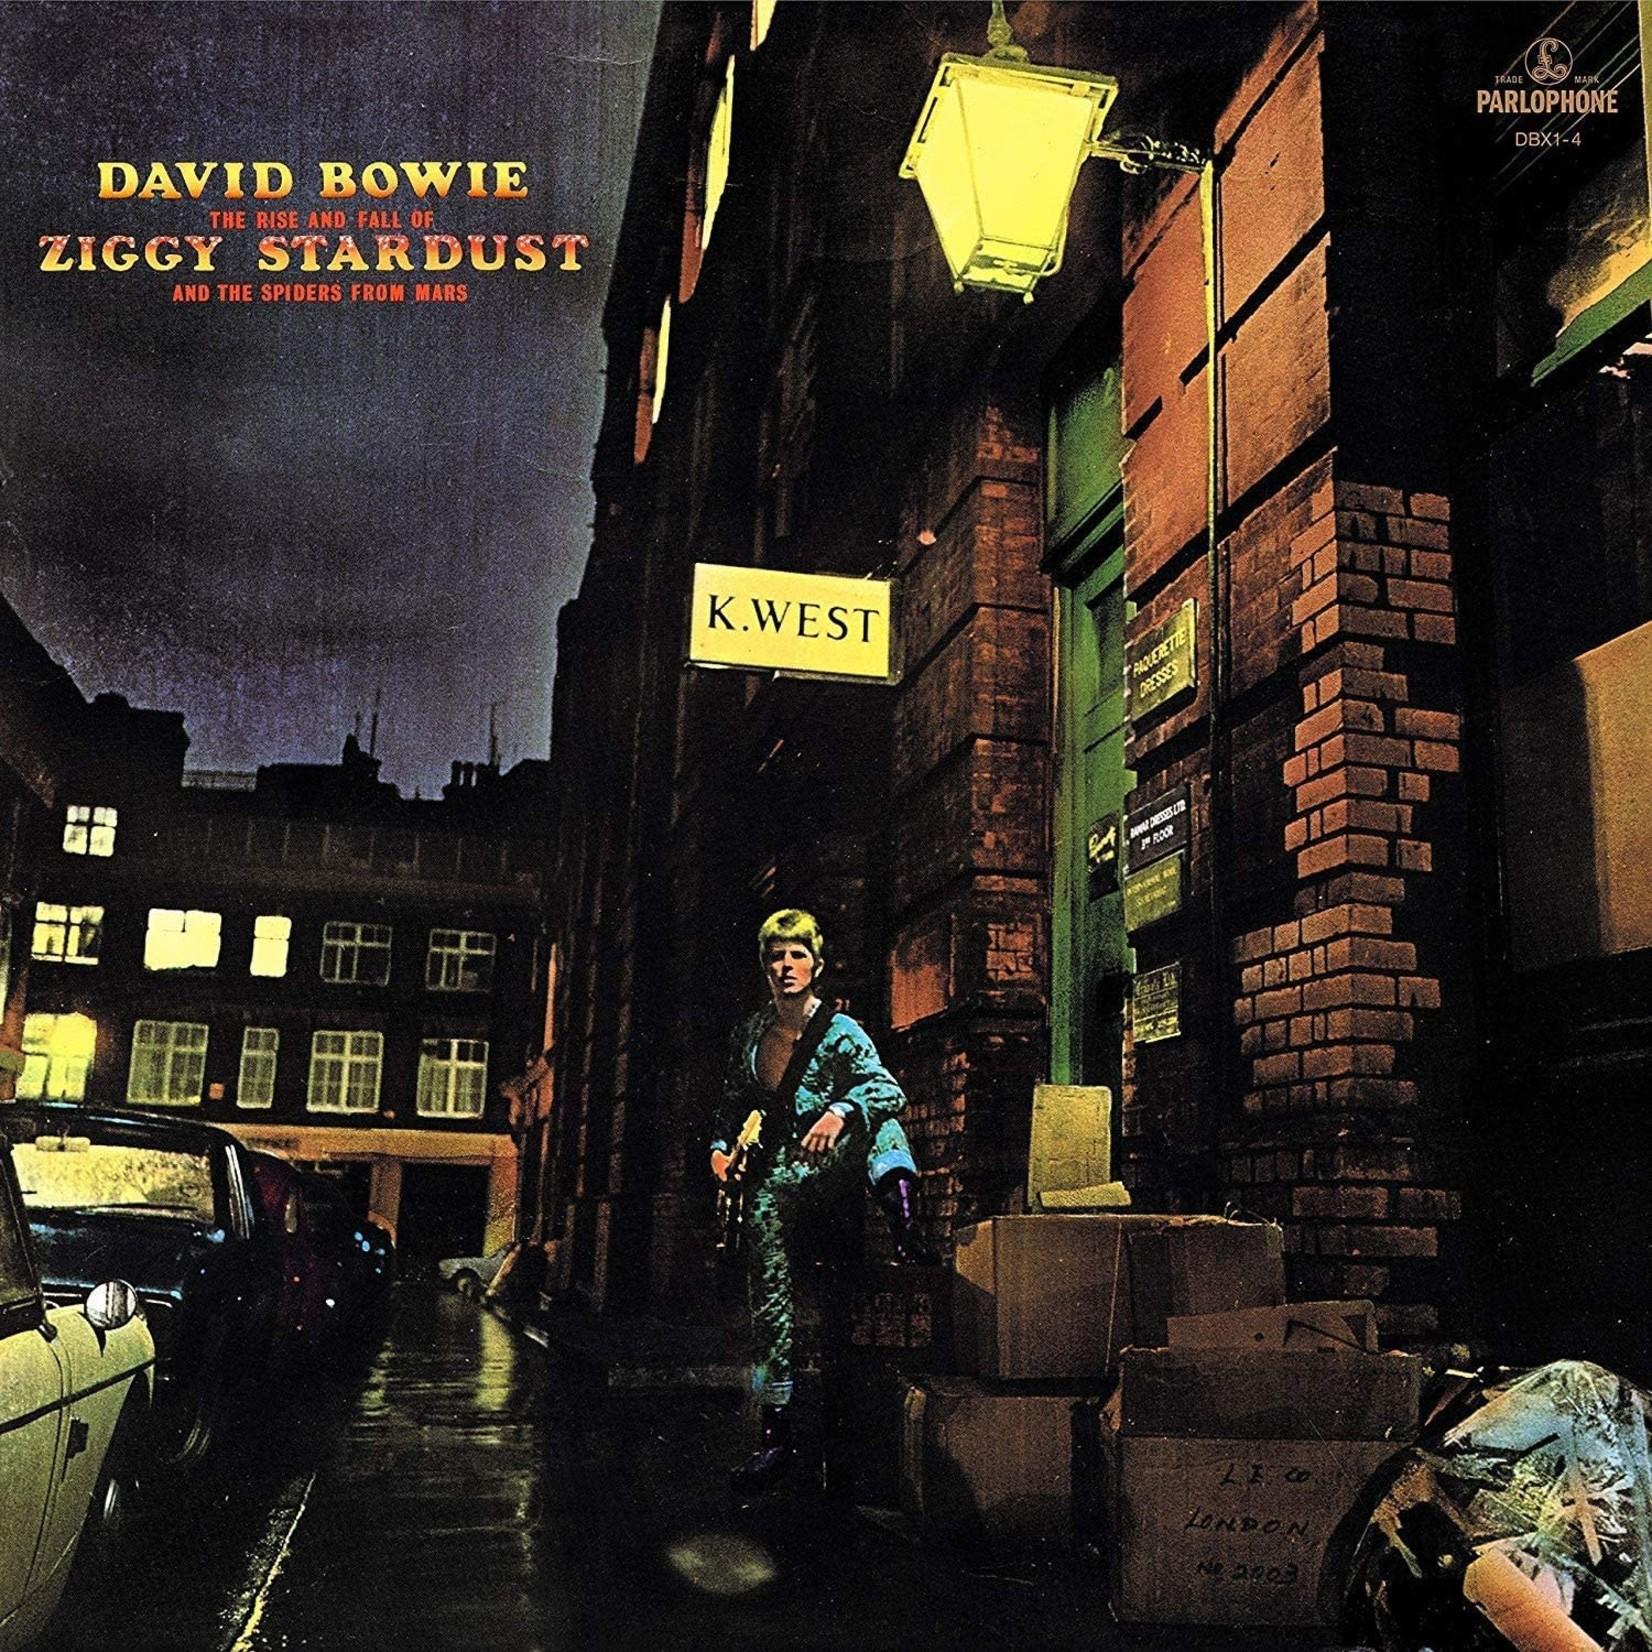 David Bowie David Bowie - Ziggy Stardust